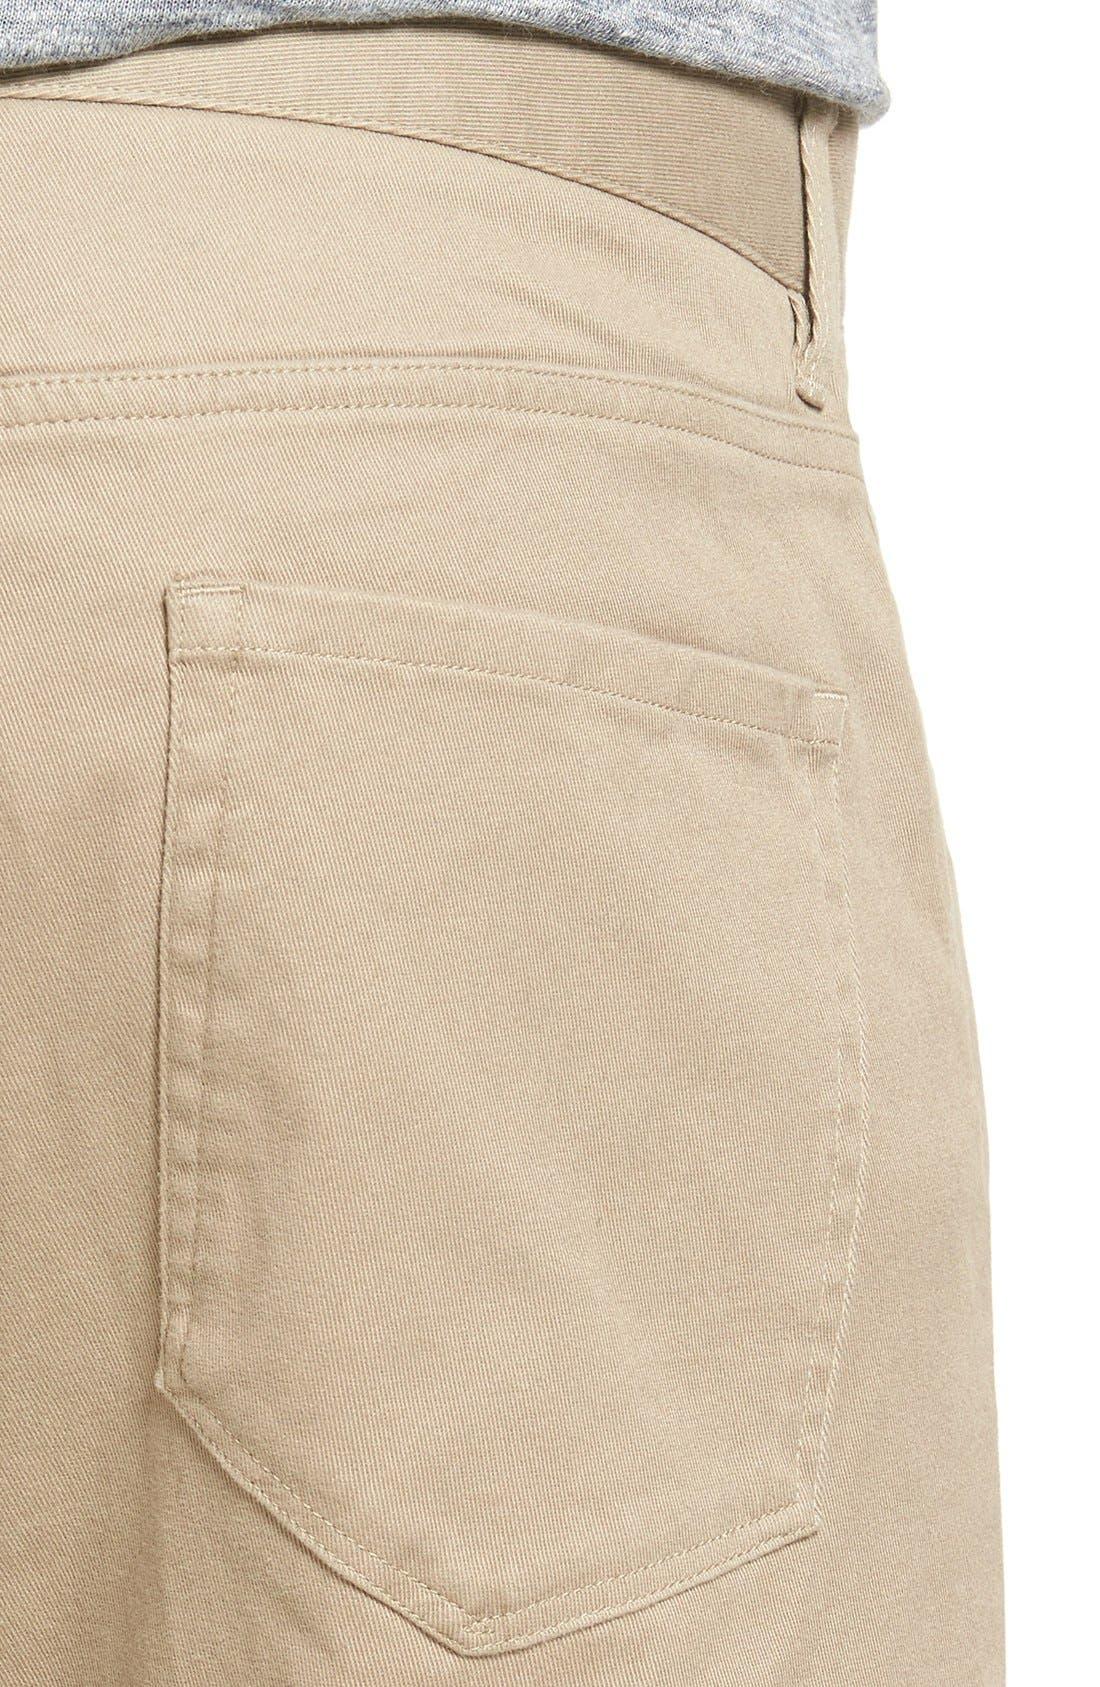 Soho Slim Fit Five-Pocket Pants,                             Alternate thumbnail 7, color,                             KHAKI